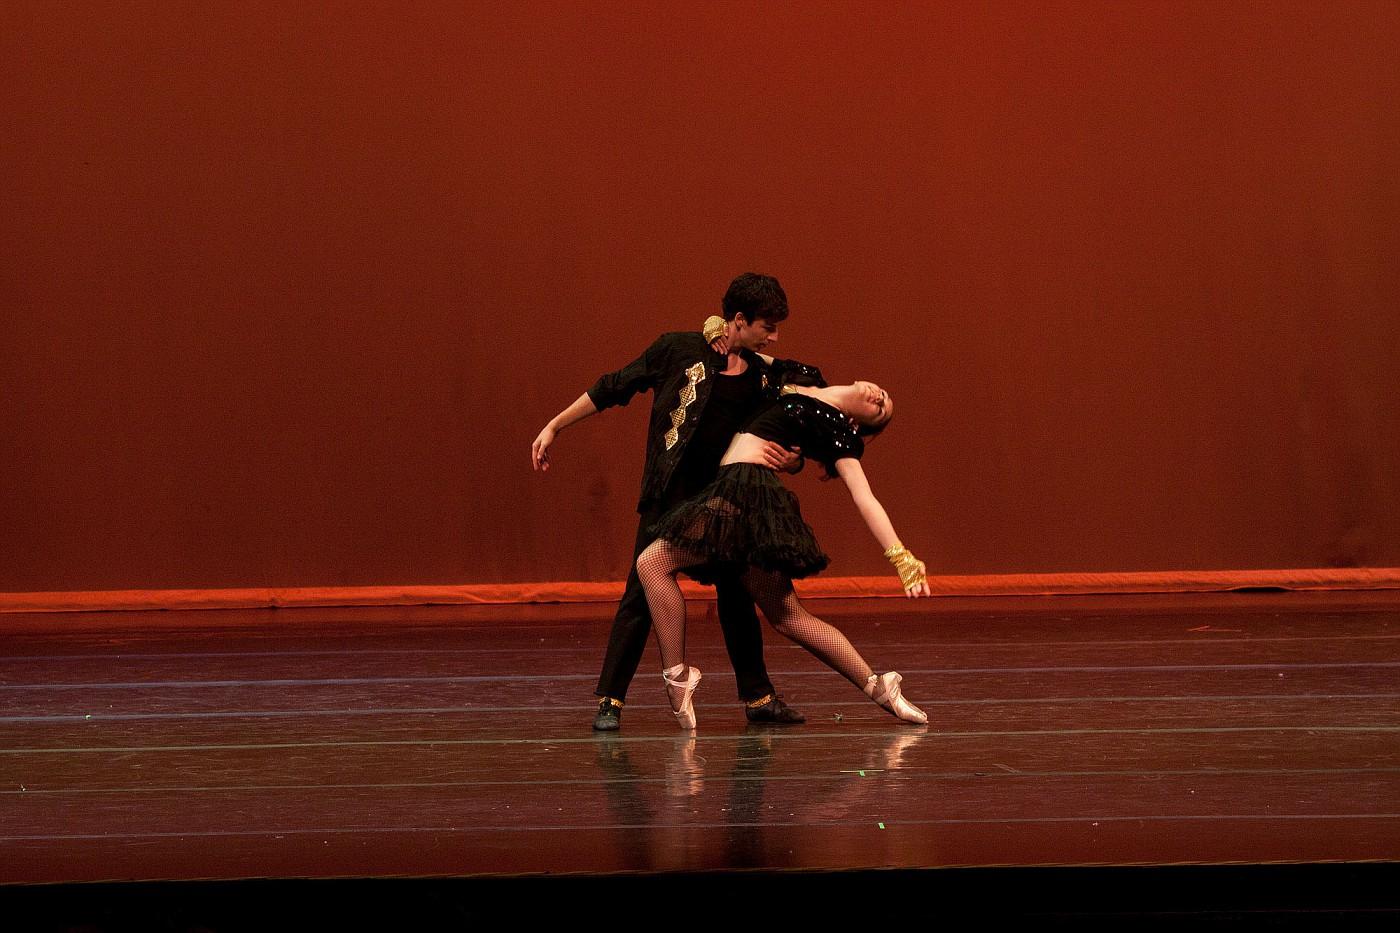 portrait-photography-children-ballet-20100617_0009.jpg